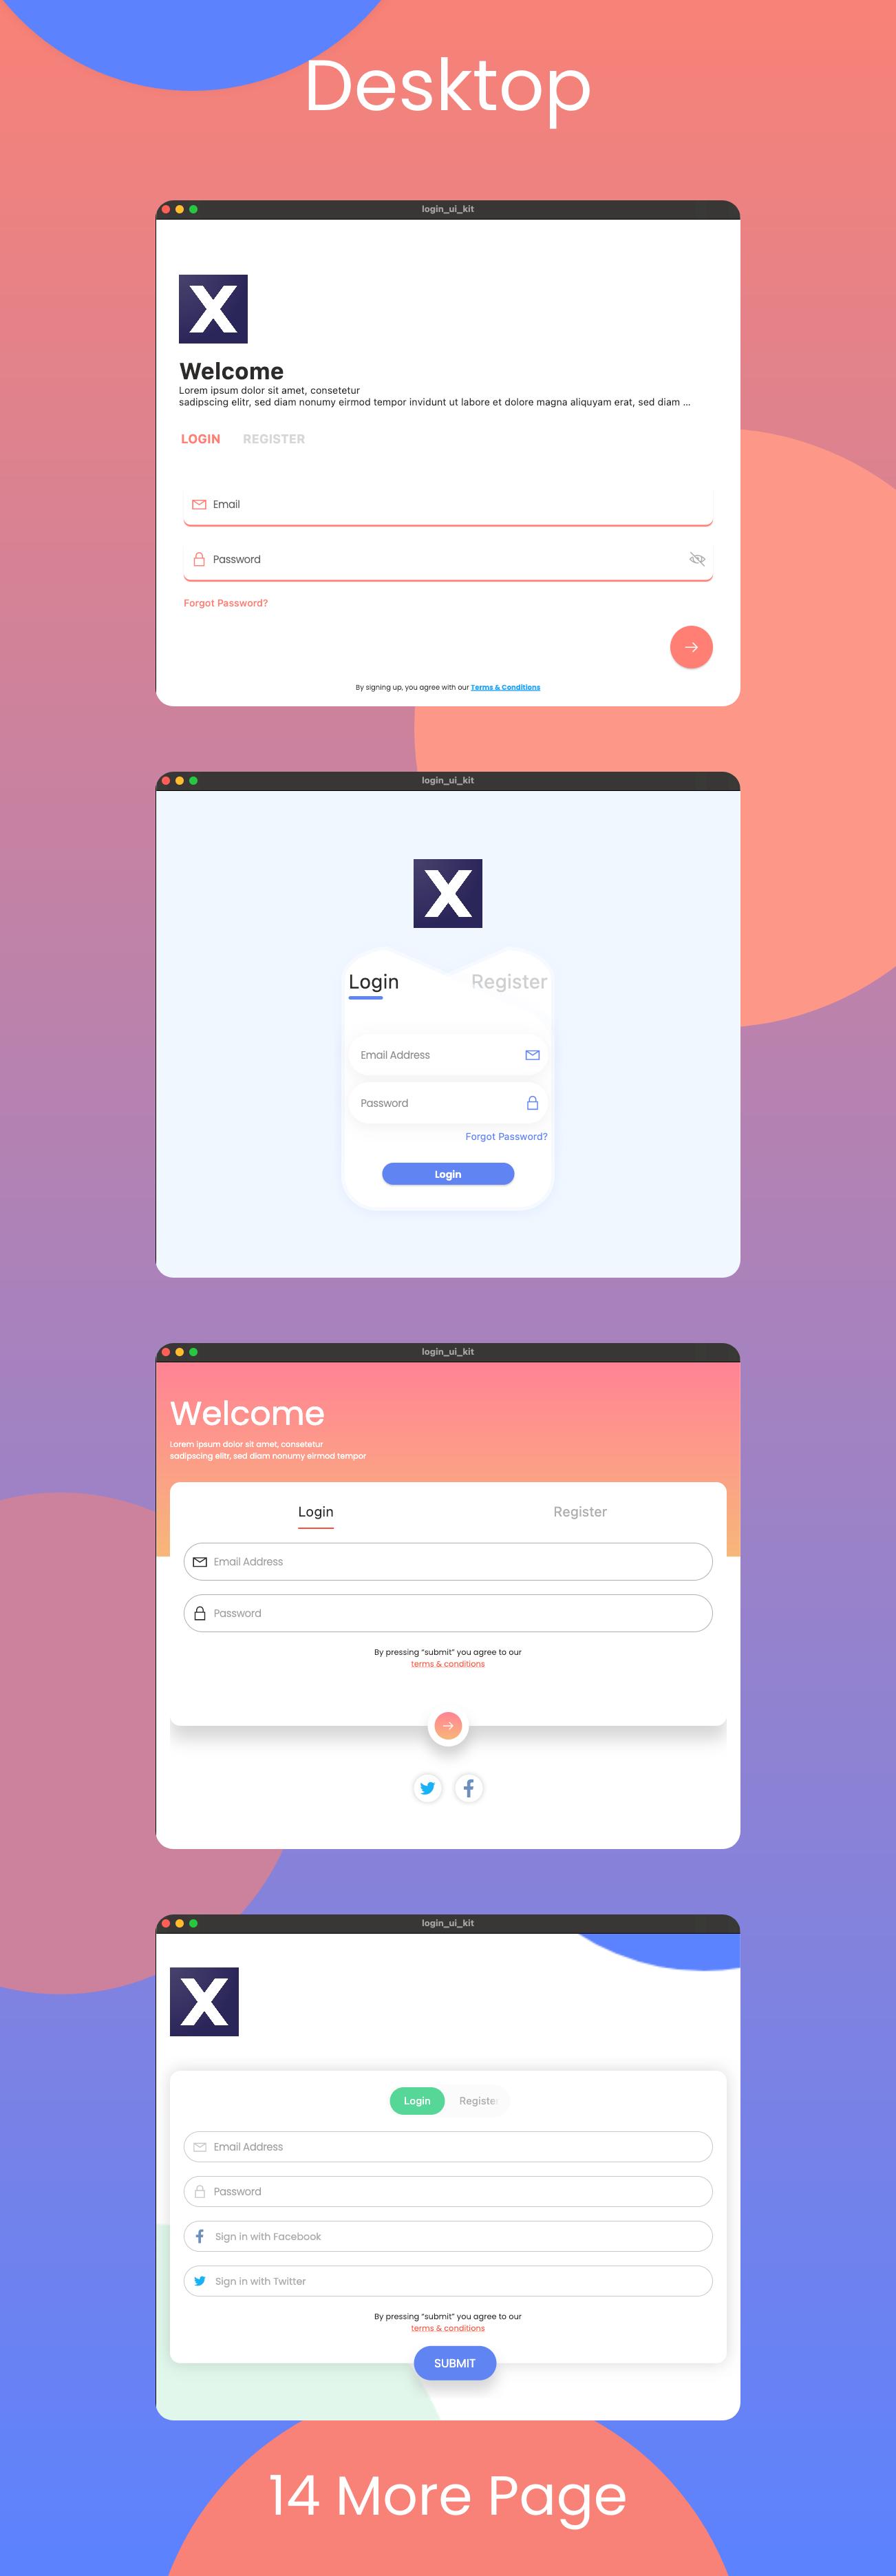 Flutter Login Ui Kit in Flutter 2.0 (iOS, Android, Desktop, Web) - 6